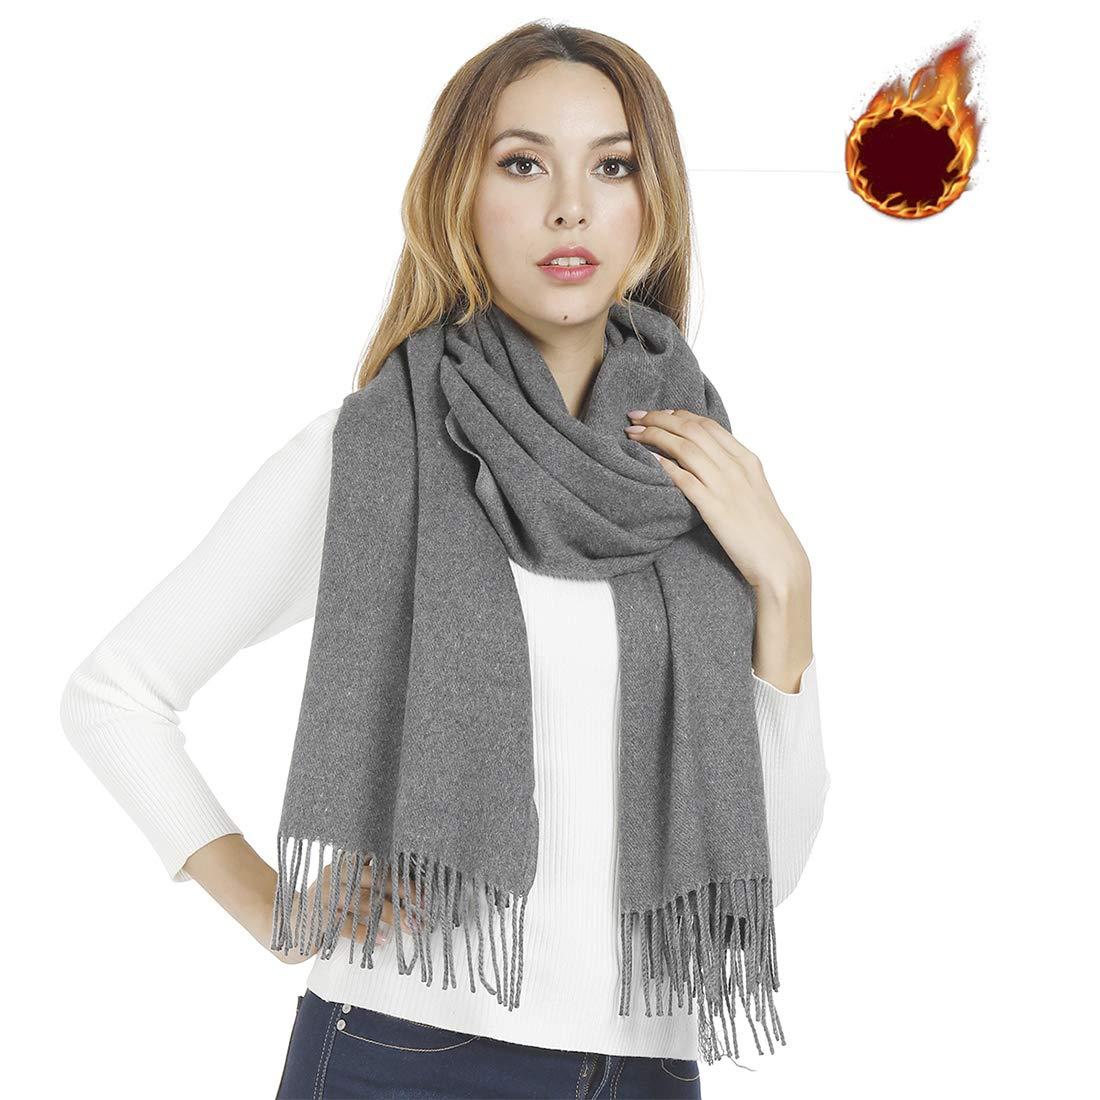 Gogogoal Écharpe en cachemire Châle Pashmina foulard Femme Homme, Longug,  Chaleureux, grande 80 b6b8a51f5c1